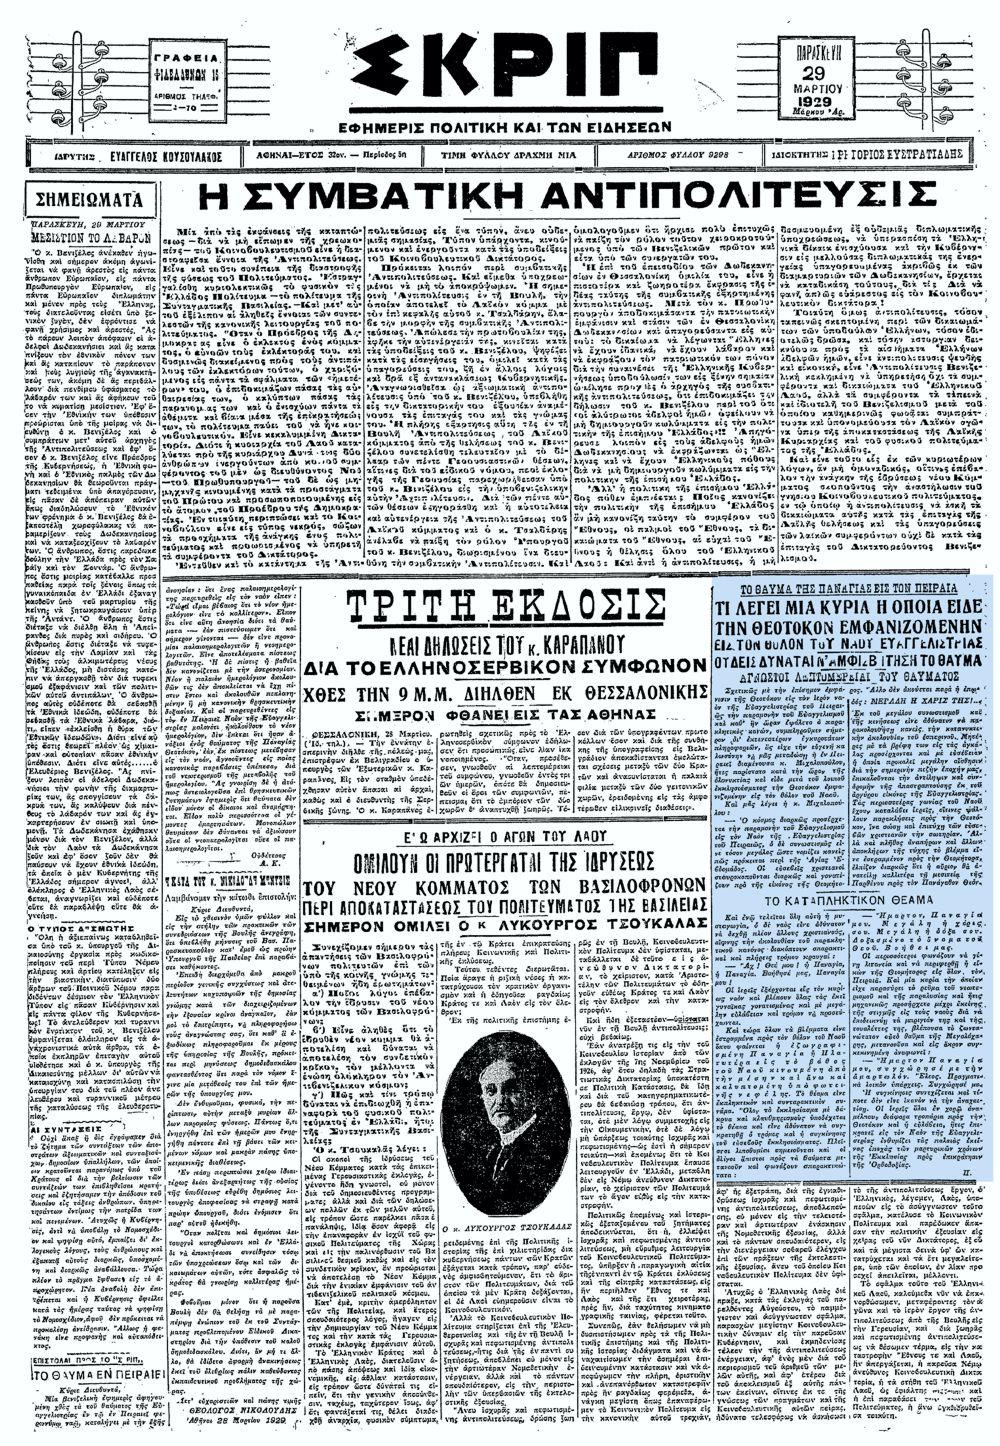 """Το άρθρο, όπως δημοσιεύθηκε στην εφημερίδα """"ΣΚΡΙΠ"""", στις 29/03/1929"""